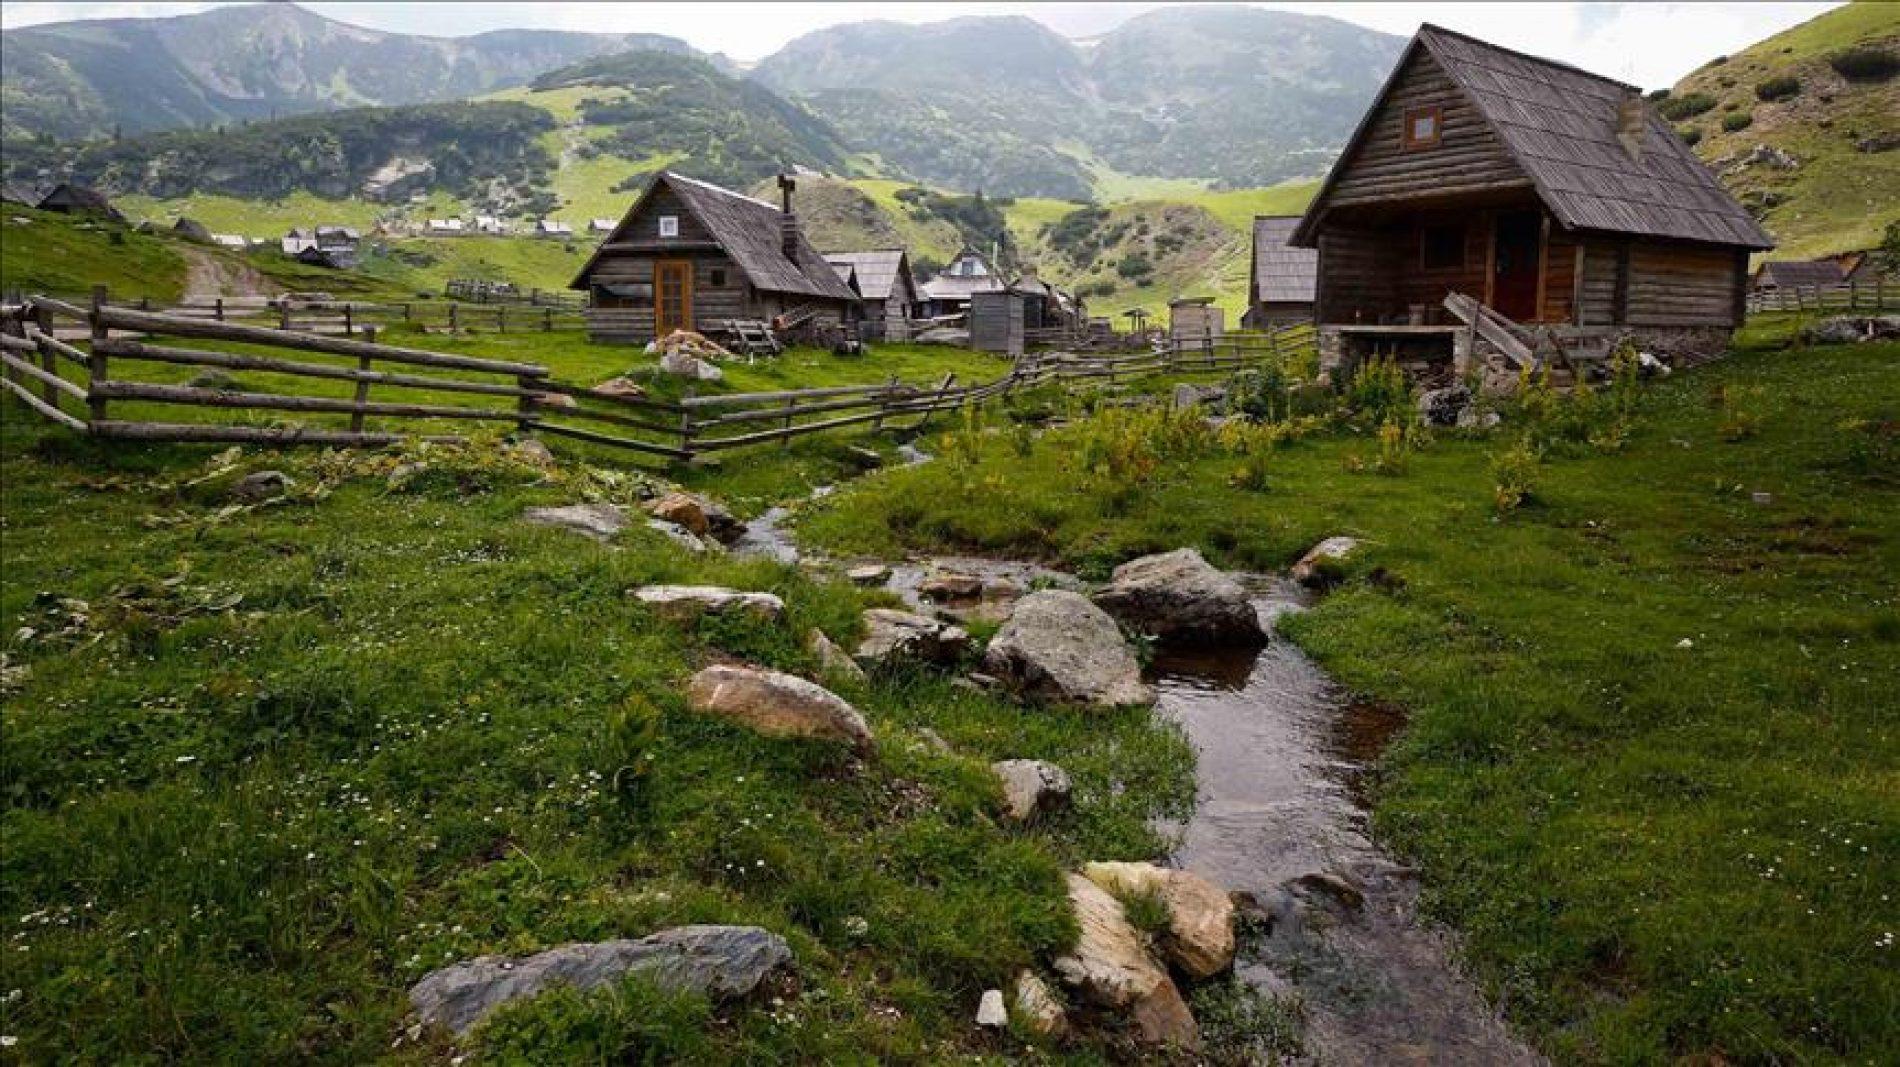 Prokoško jezero postaje sve veća bosanskohercegovačka turistička atrakcija